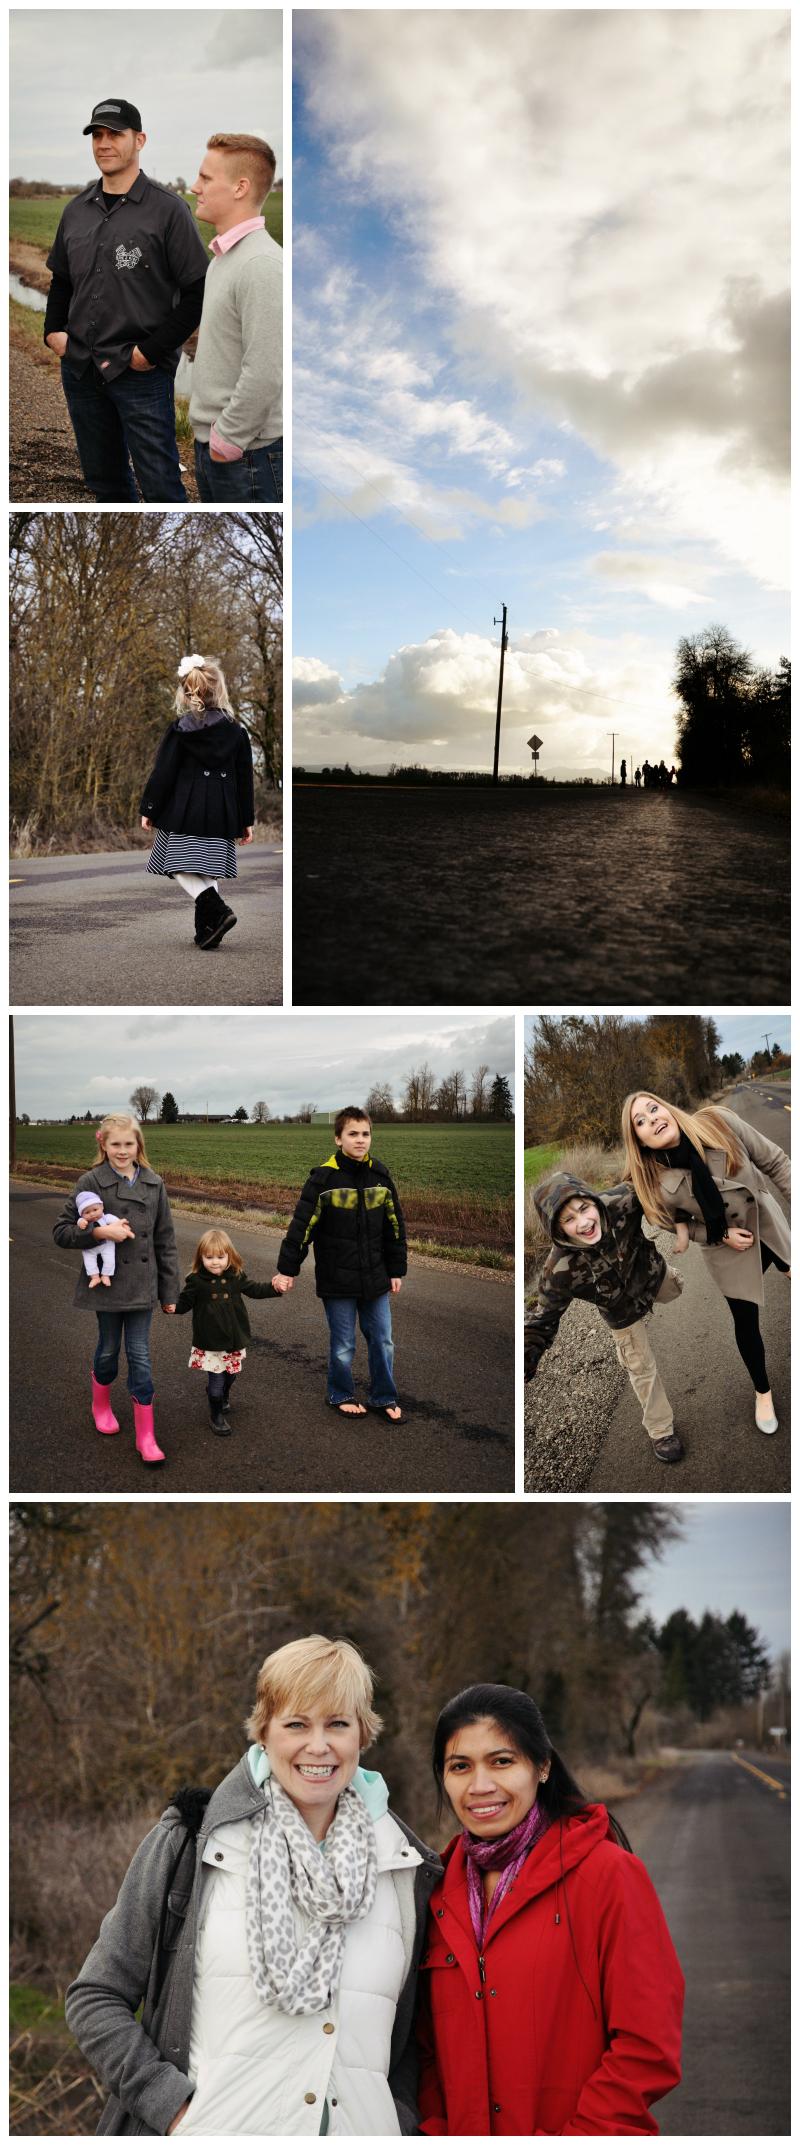 Christmas Walk 2